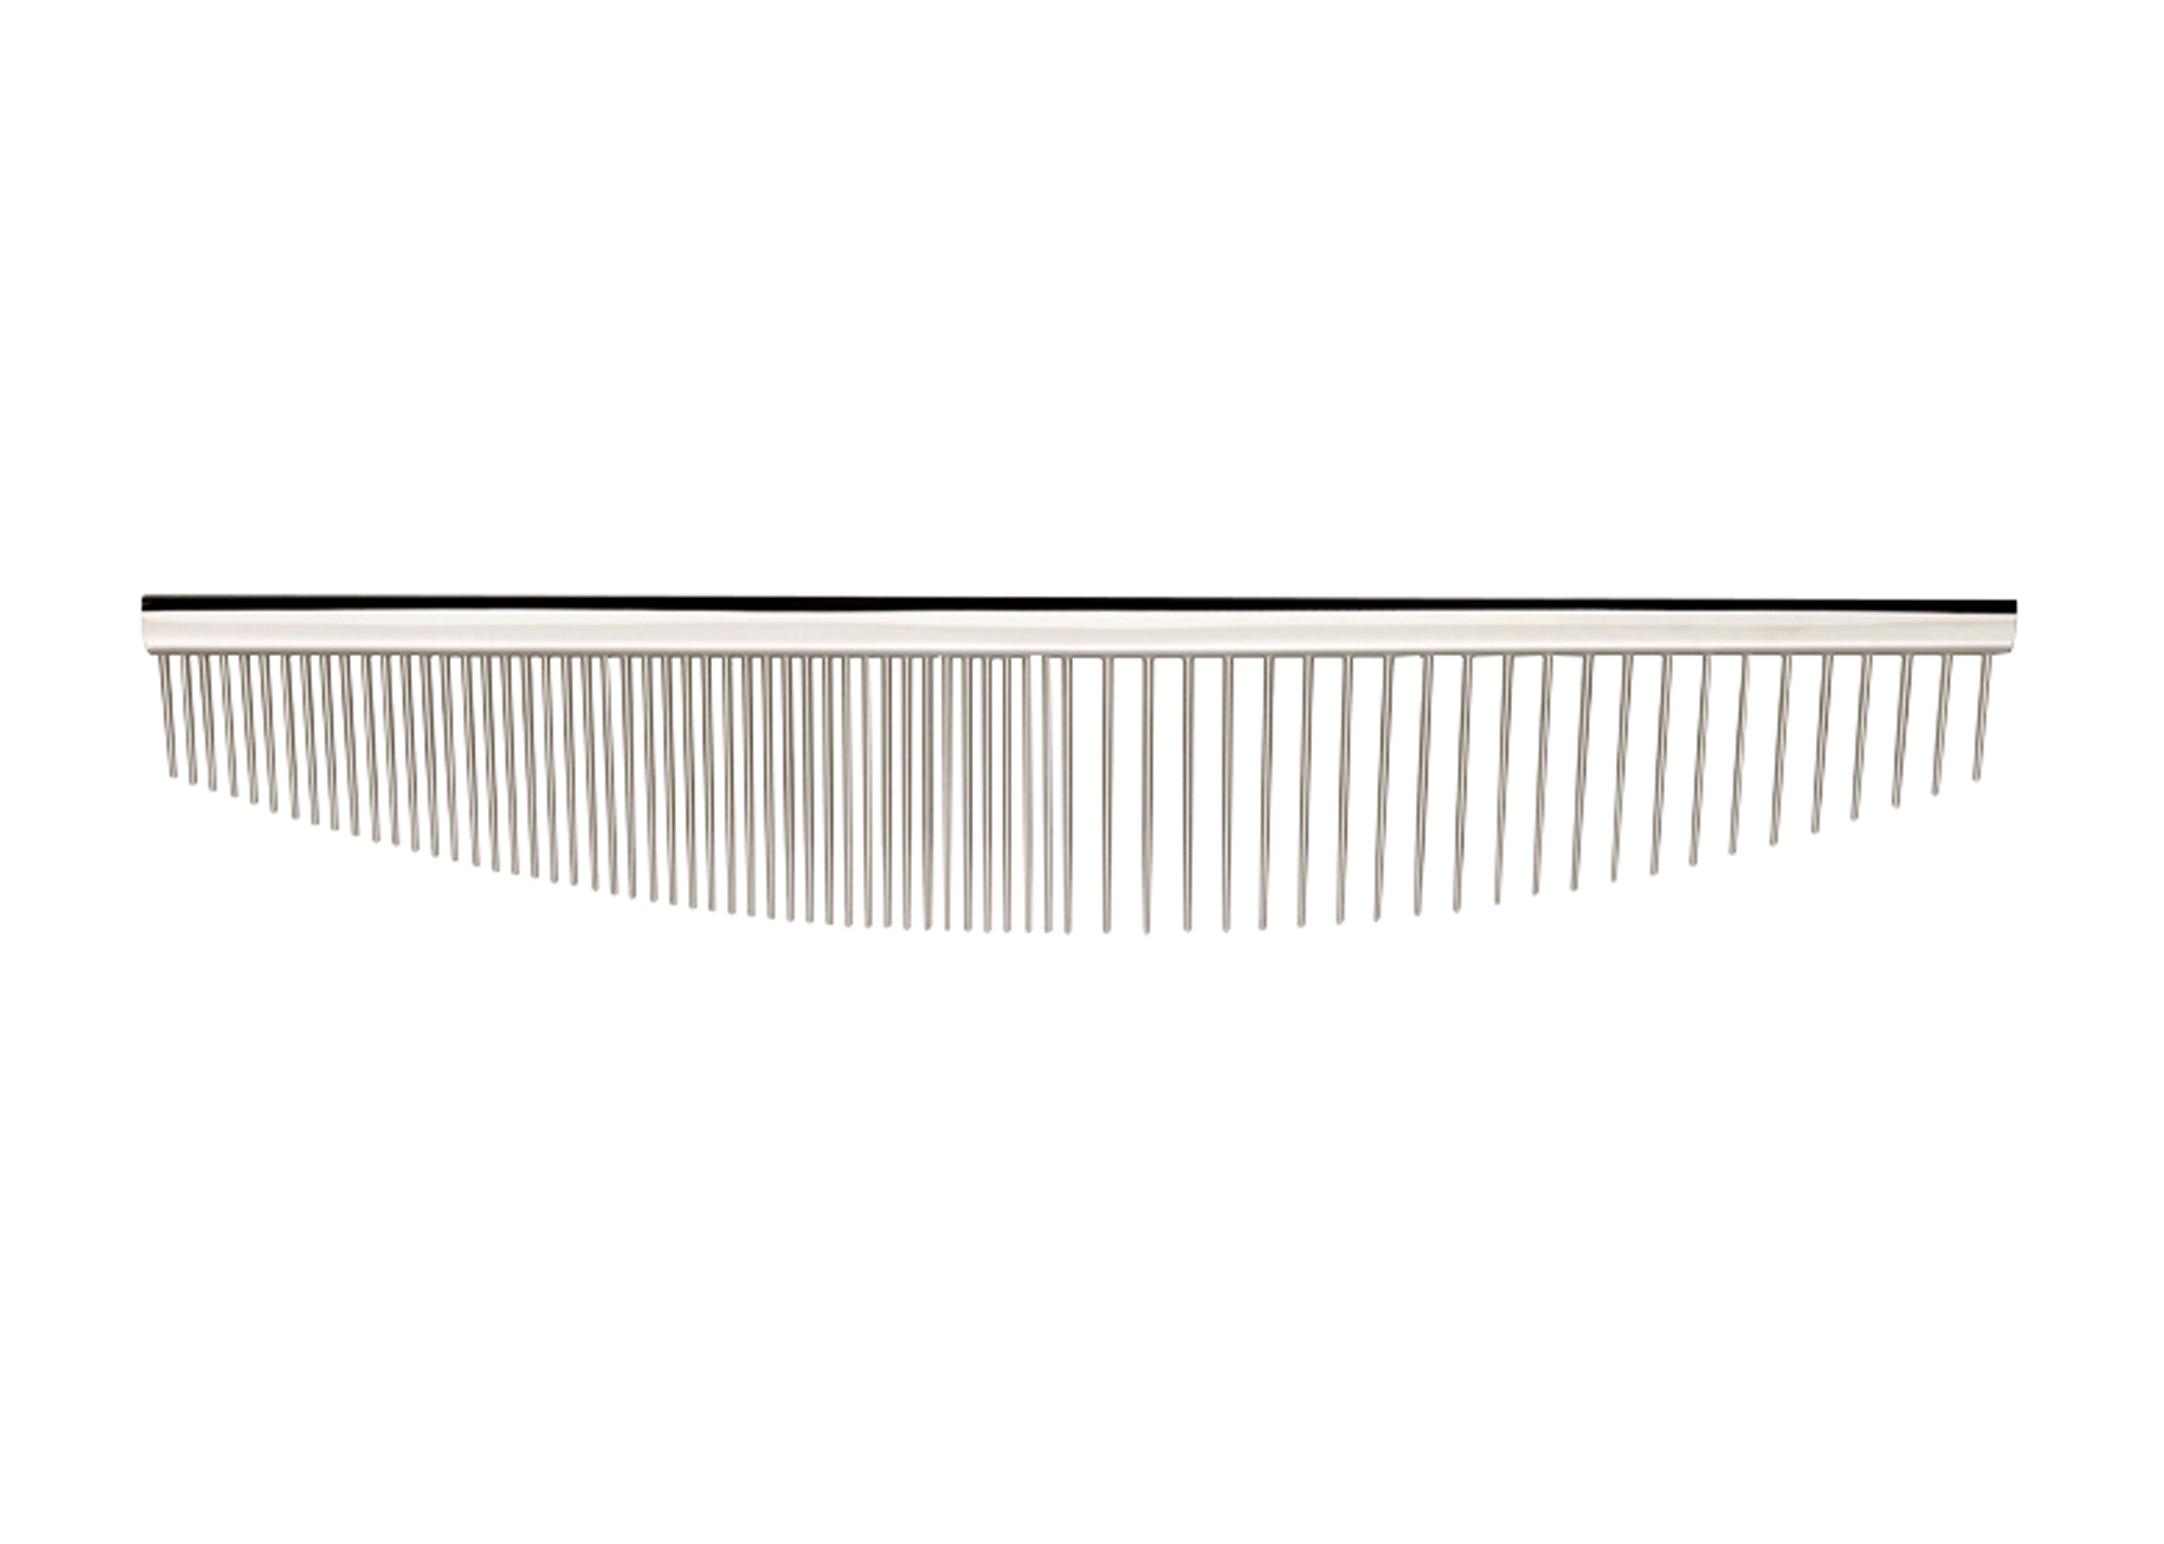 Utsumi U&U Half Moon SS Comb 16,5cm Comb